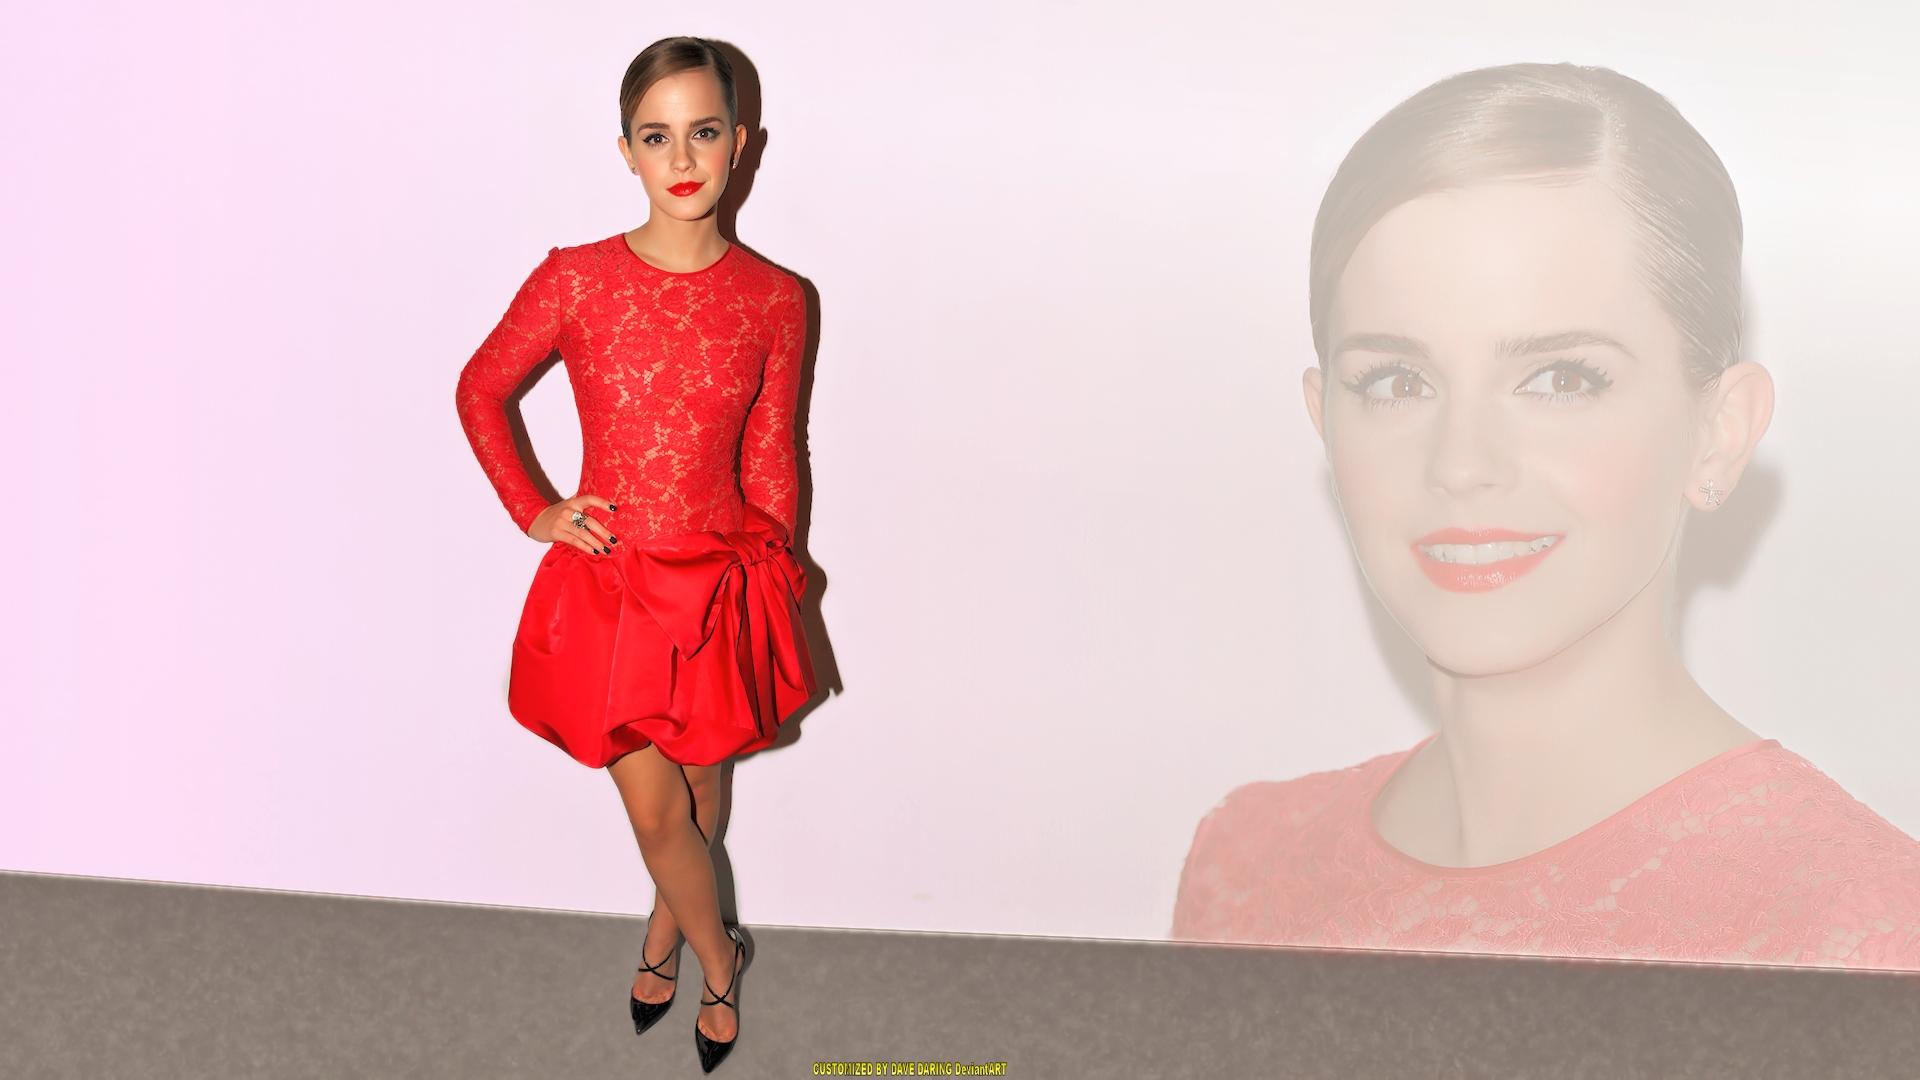 Emma-Watson-10-wallpapers--07.jpg